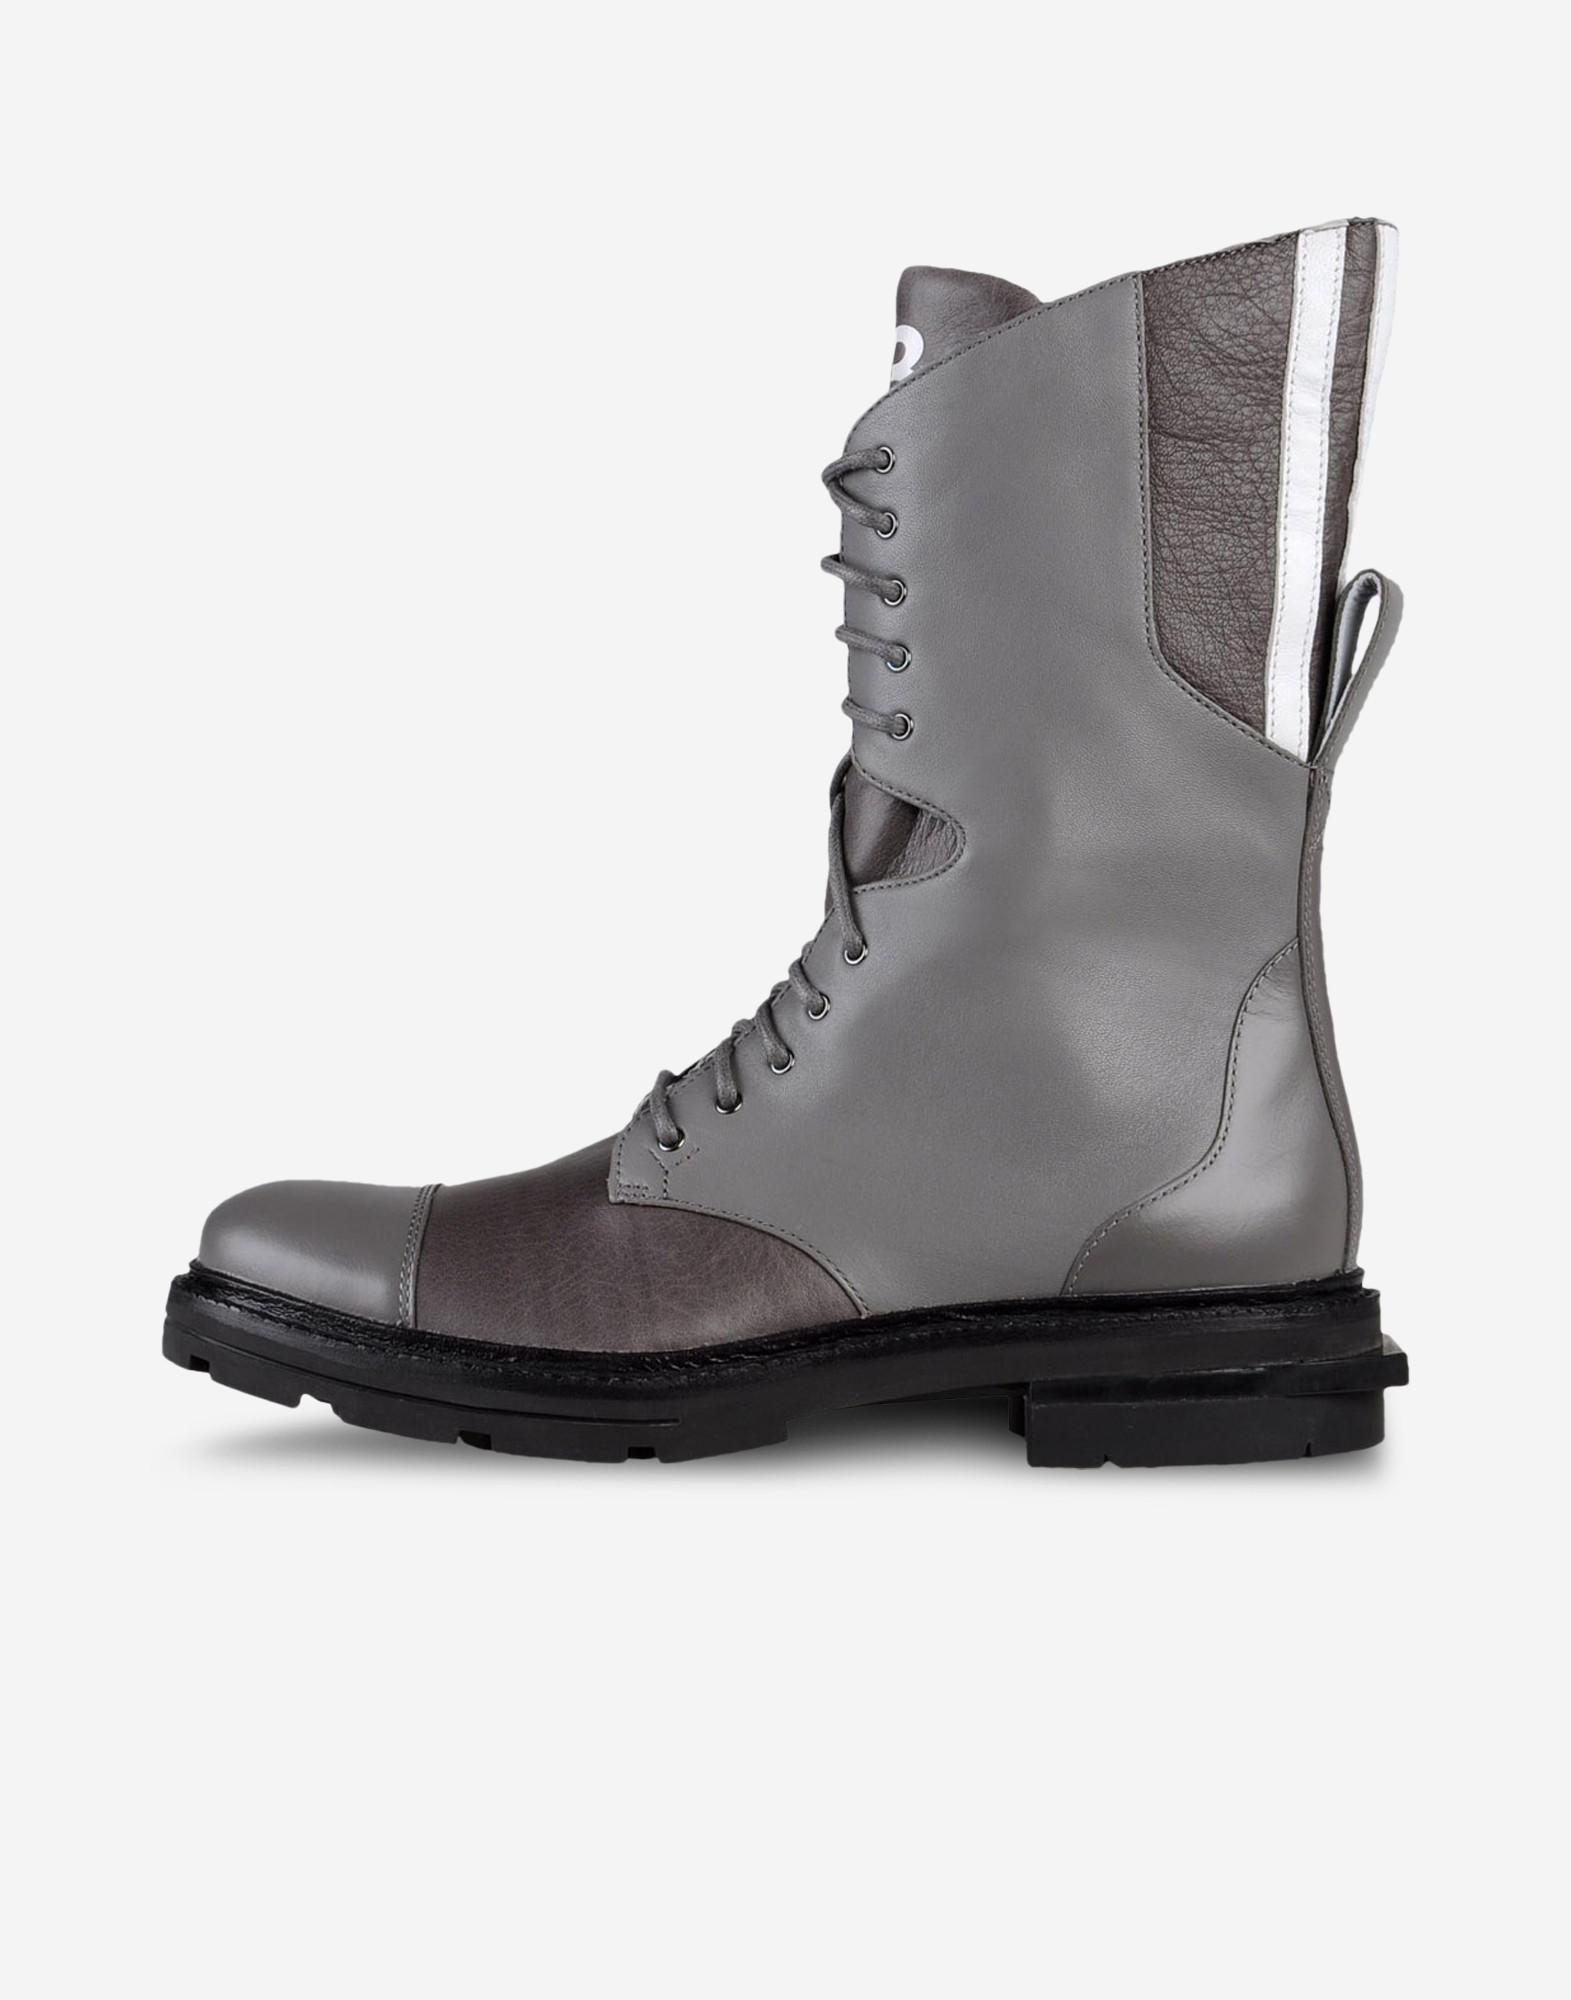 Y 3 Jones Ankle Boots | Adidas Y-3